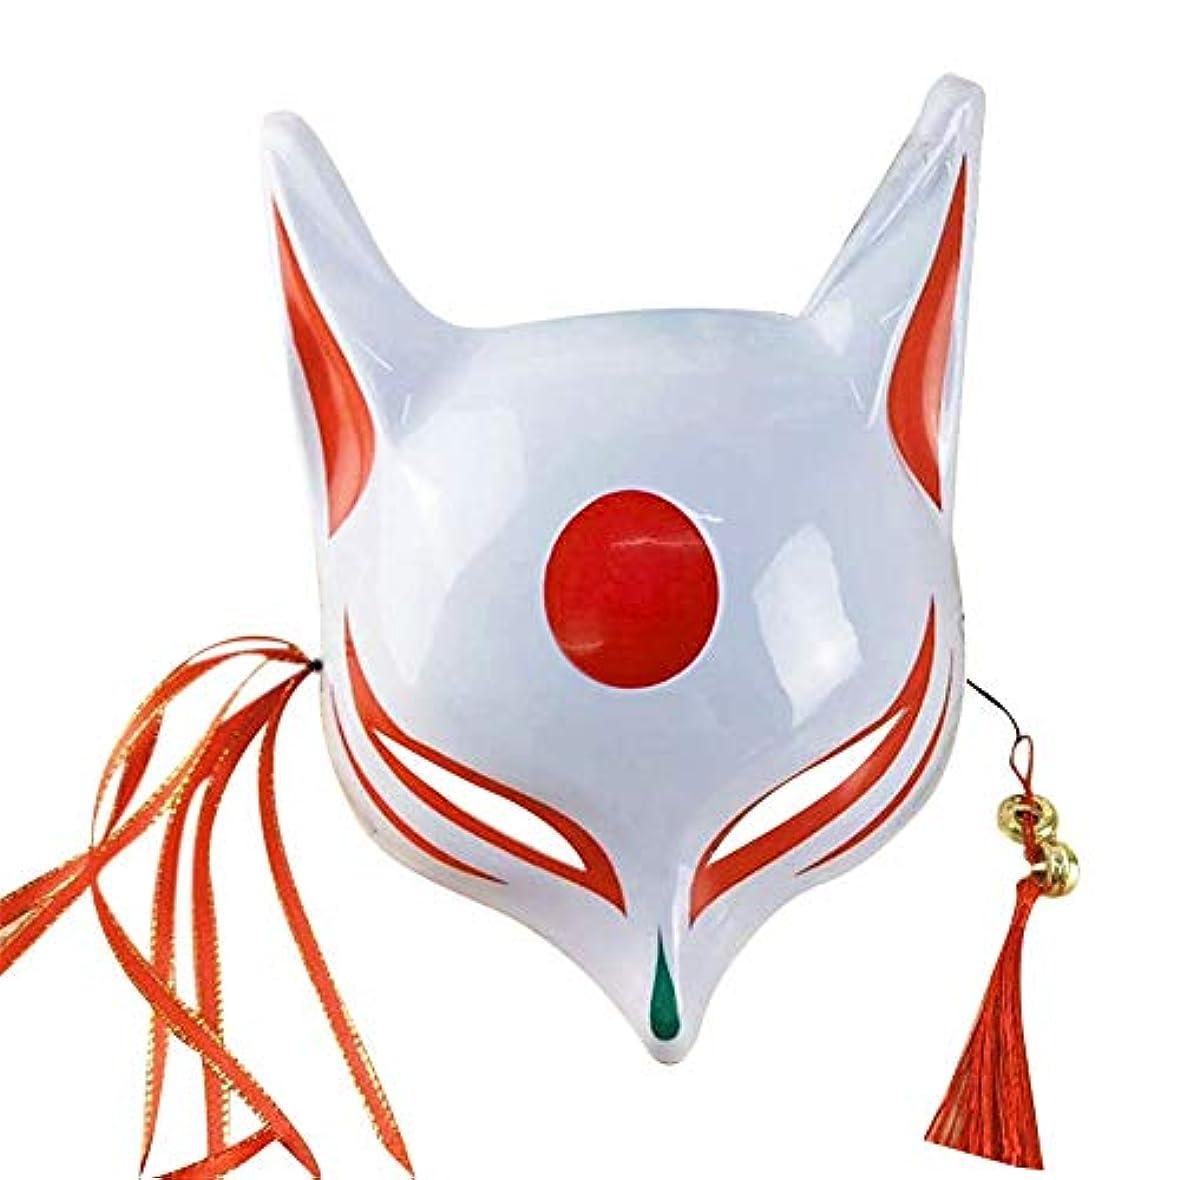 暗唱する好き被害者KISSION手描きのマスクフォックスハーフフェイスマスクロールプレイ仮装ドレスアップ マスクバーパーティー キツネの妖精の半分の顔 和風の手描き